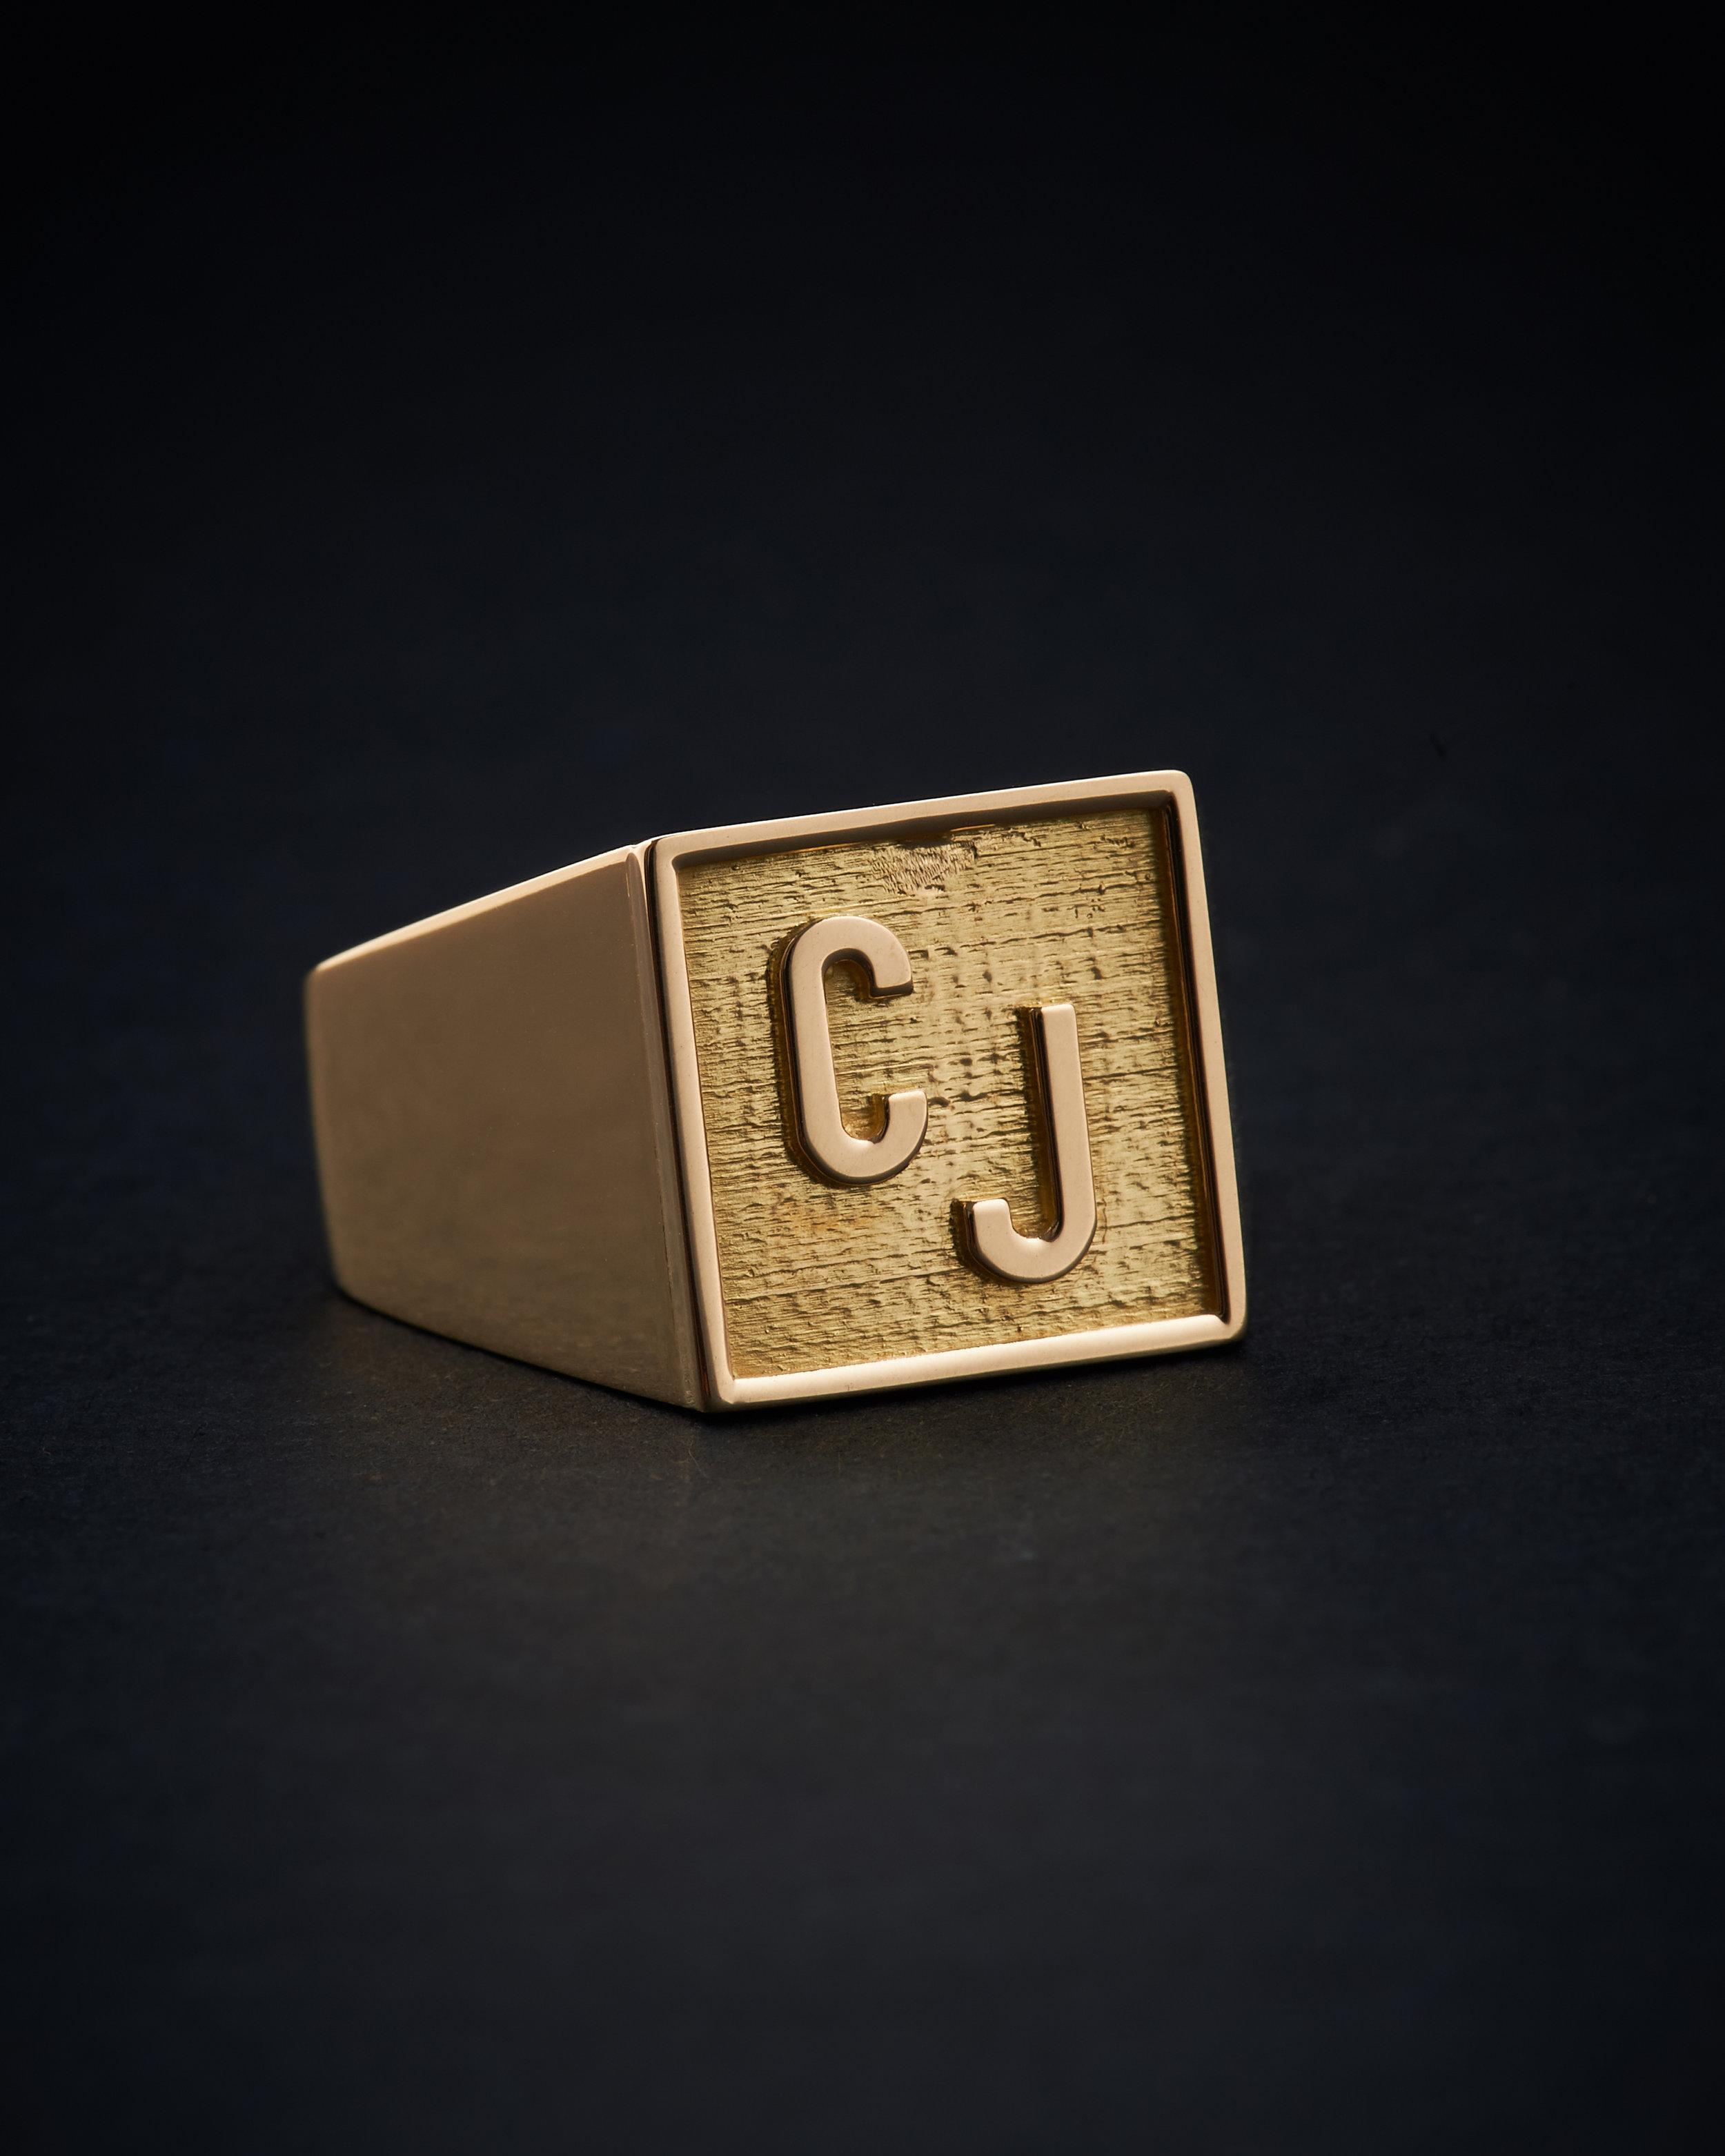 CHARLOTTE J // OU 18k